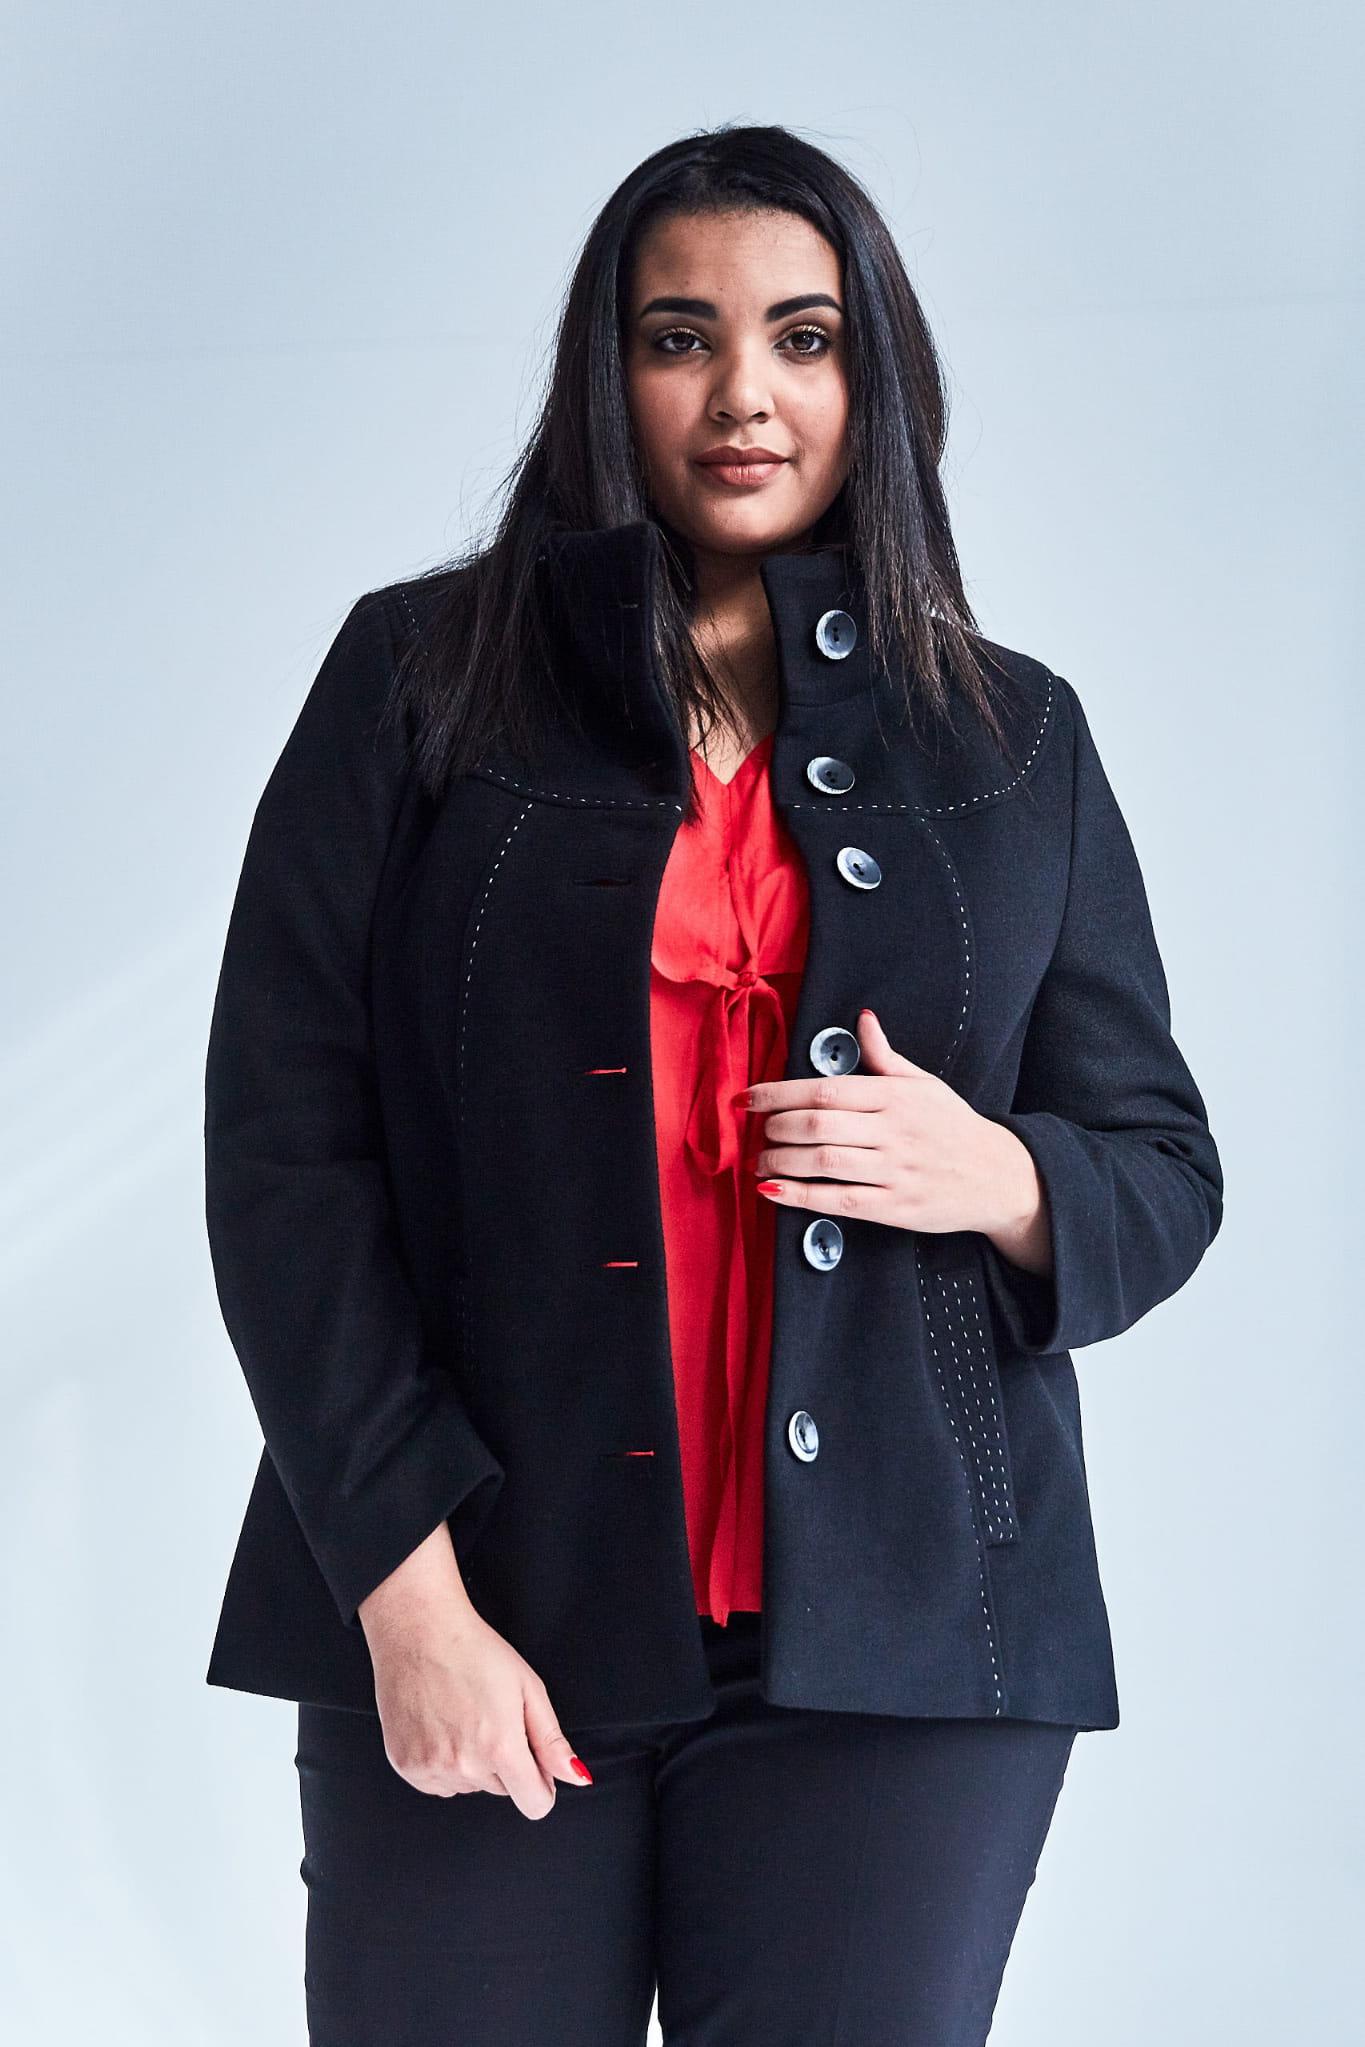 Czarna elegancka kurtka płaszcz Vera OVERSIZE DUŻE ROZMIARY XXL